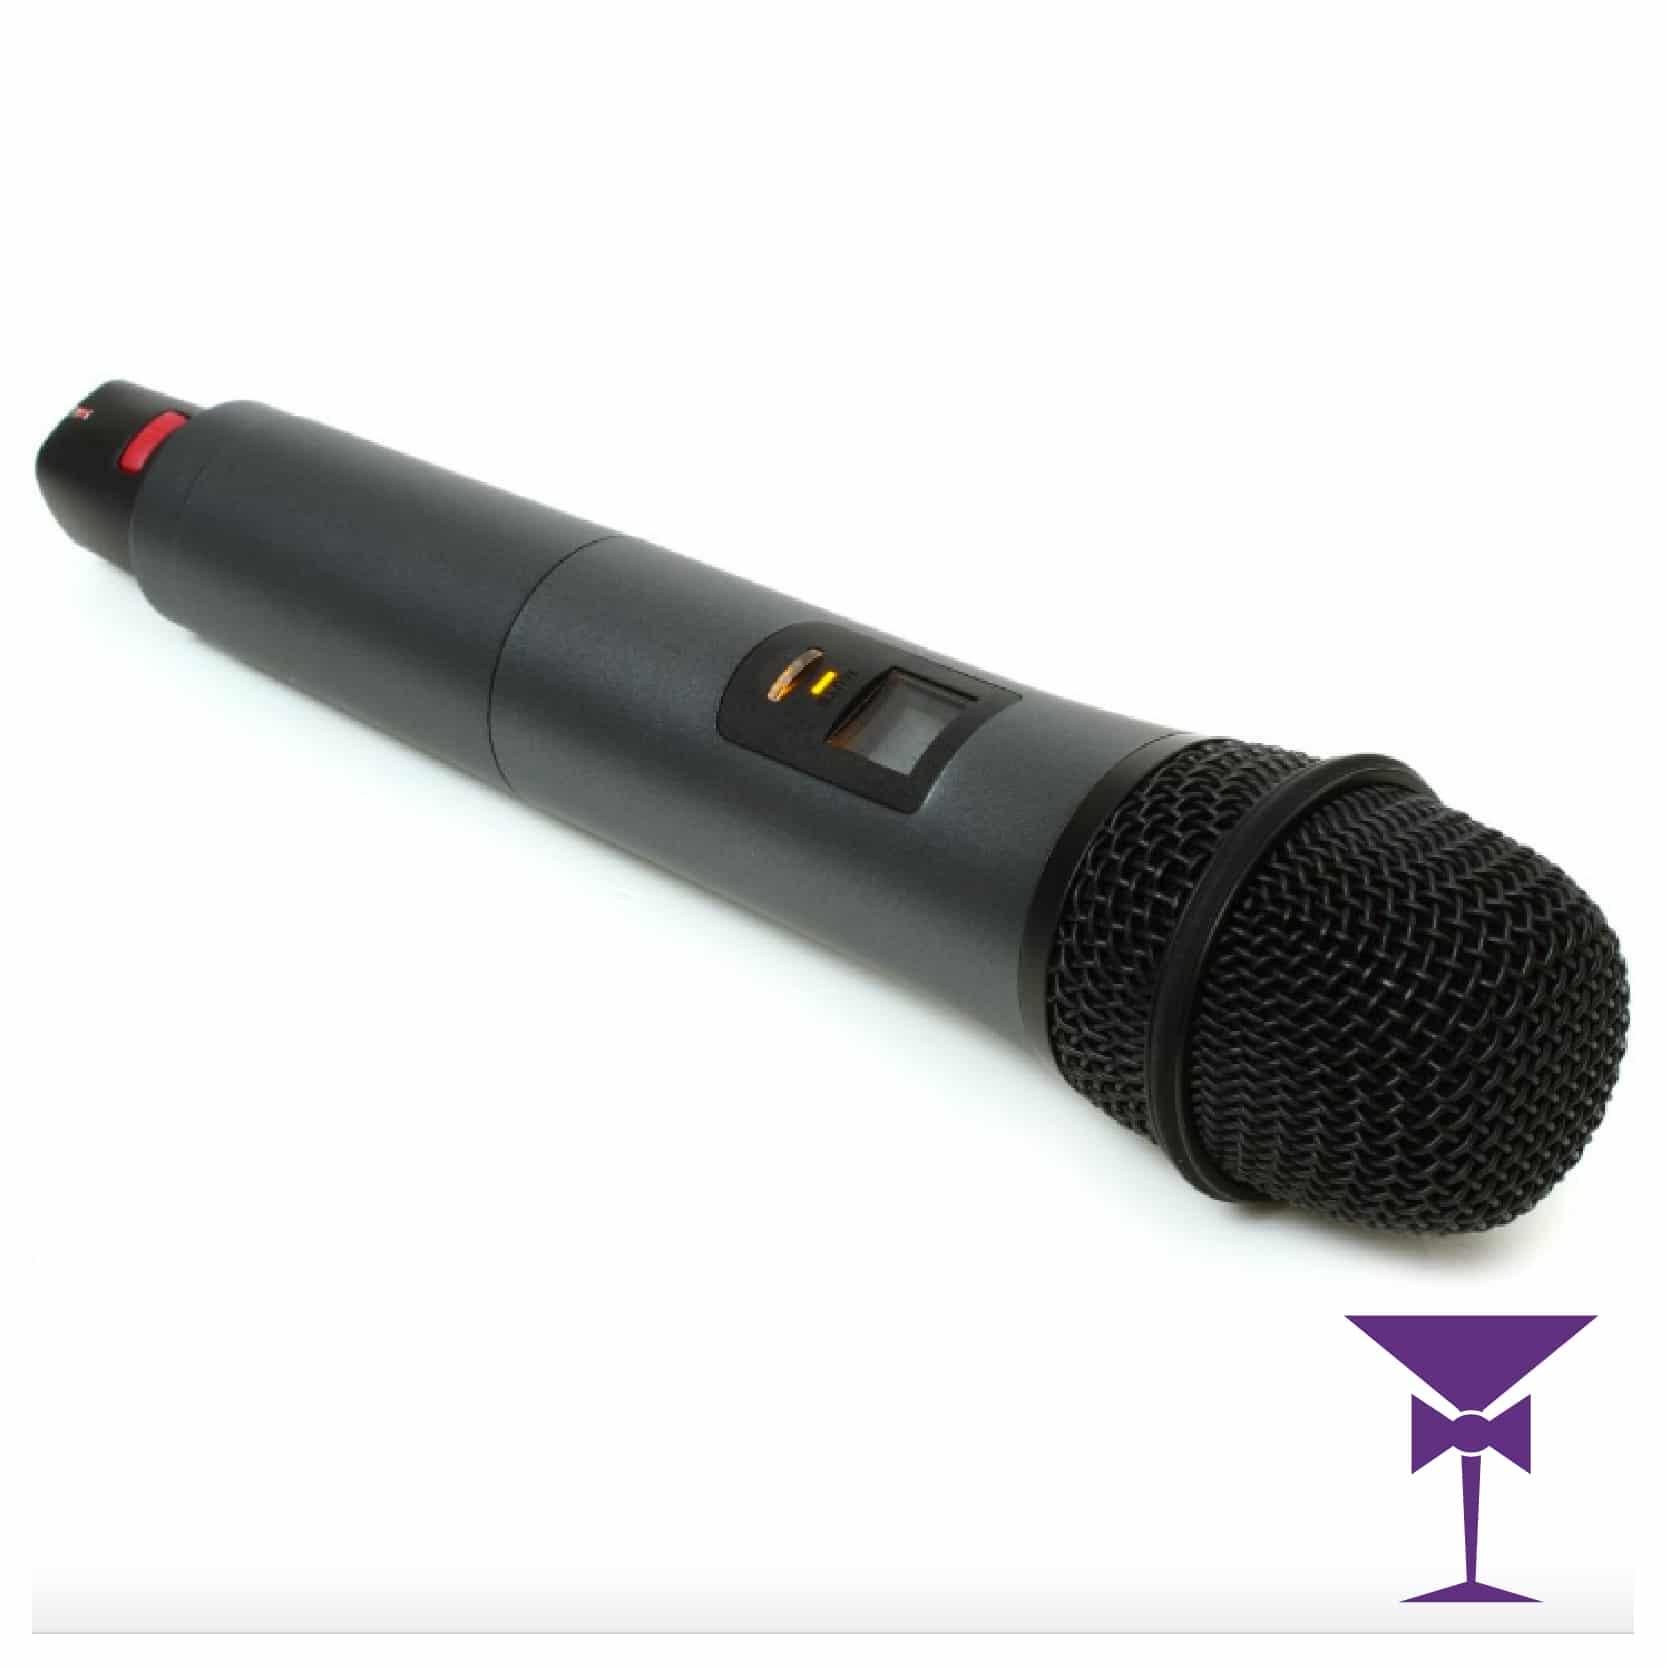 Pro audio microphone hire London, Kent, Surrey, Sussex.